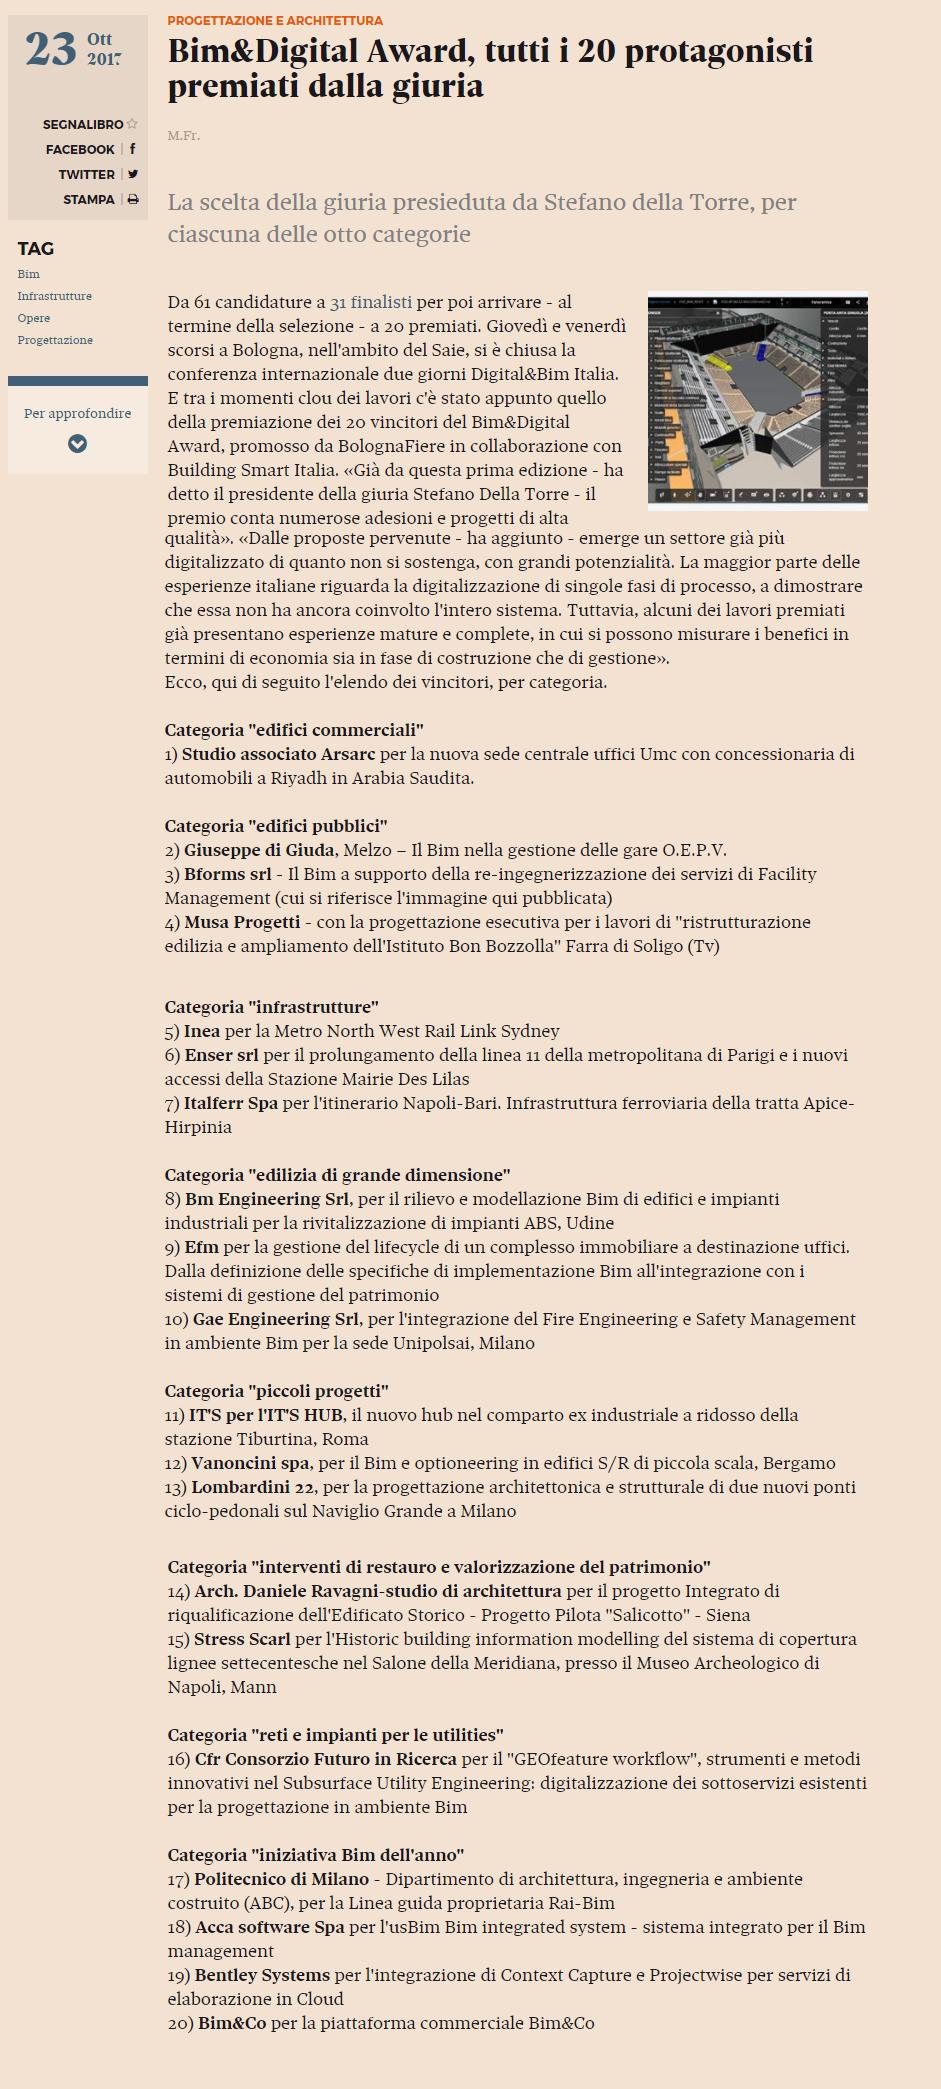 http://www.ediliziaeterritorio.ilsole24ore.com/art/progettazione-e-architettura/2017-10-20/bimdigital-award-tutti-20-premiati-giuria-162837.php?uuid=AEFA6tsC&refresh_ce=1